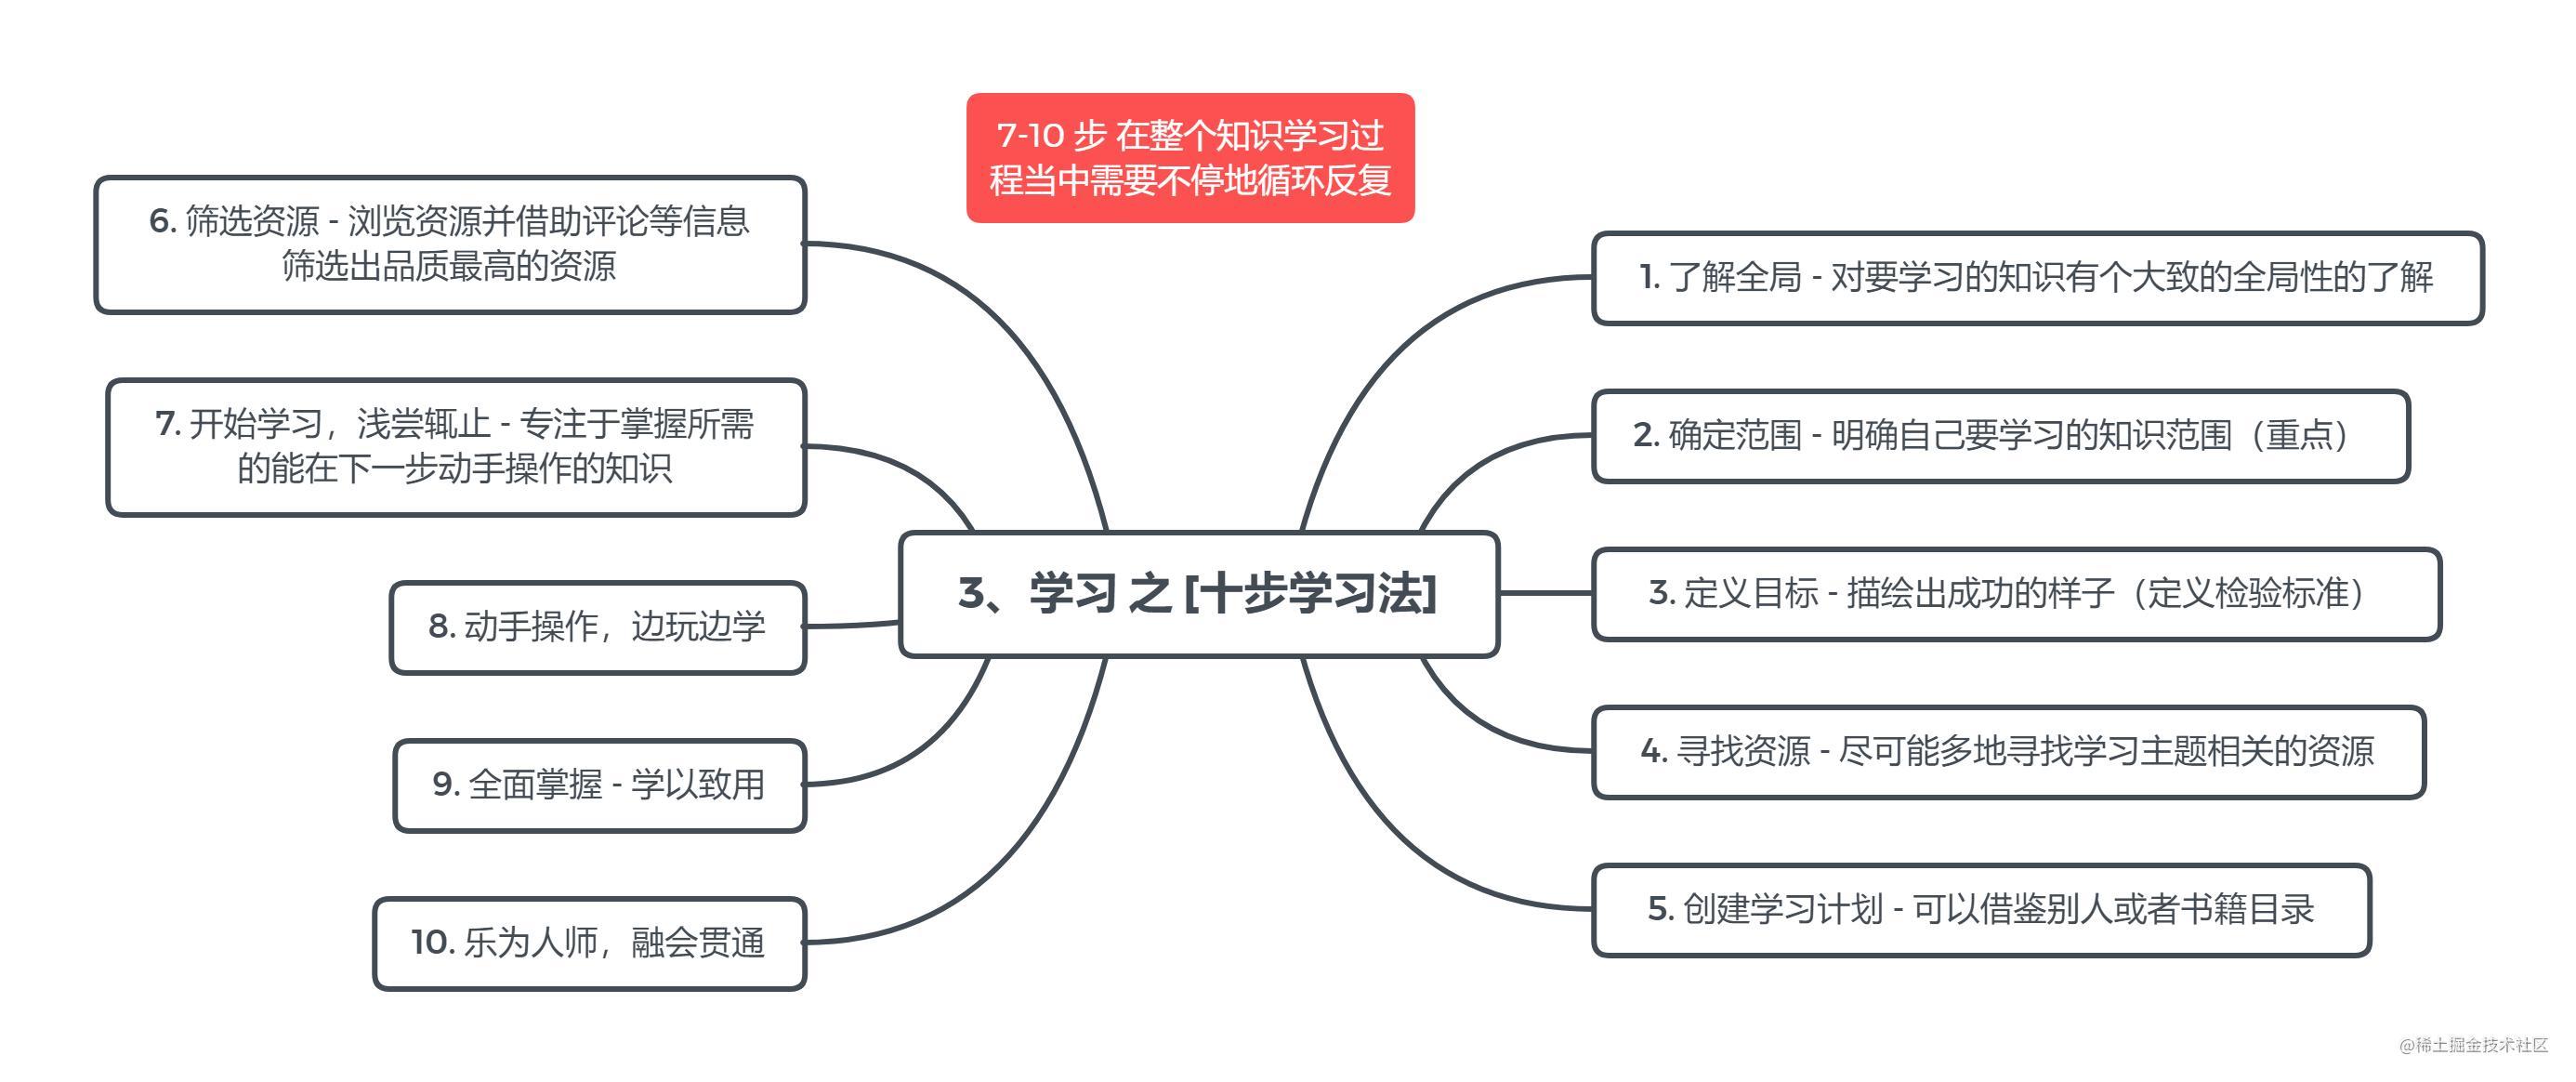 3、学习 之 [十步学习法].png